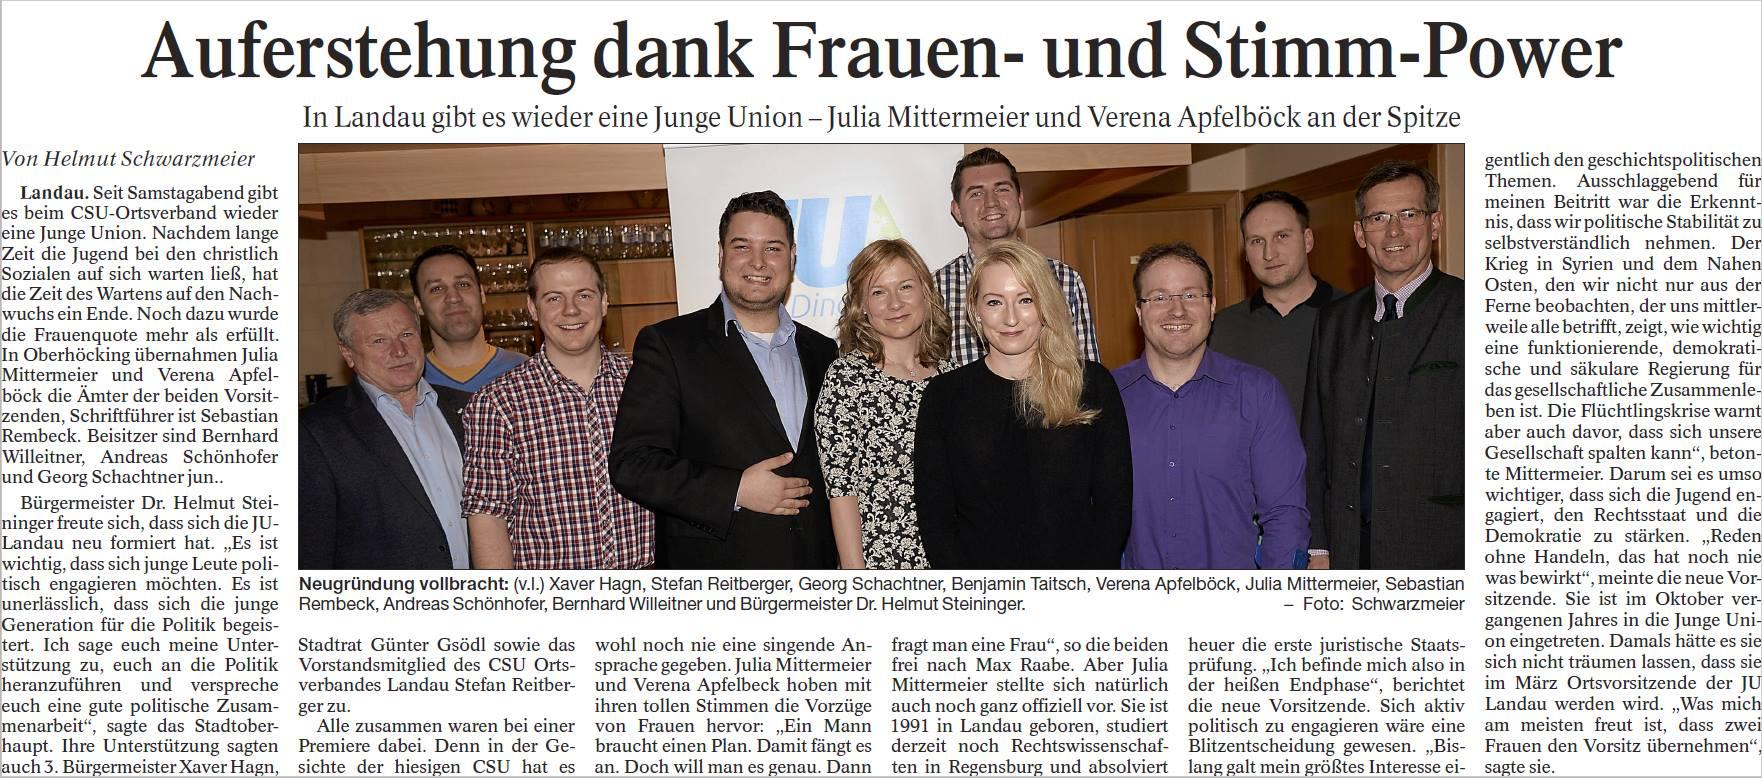 Neuaufstellung JU Landau a.d. Isar - Vielen Dank an die Landauer Neue Presse für den schönen Artikel vom 14.03.2016